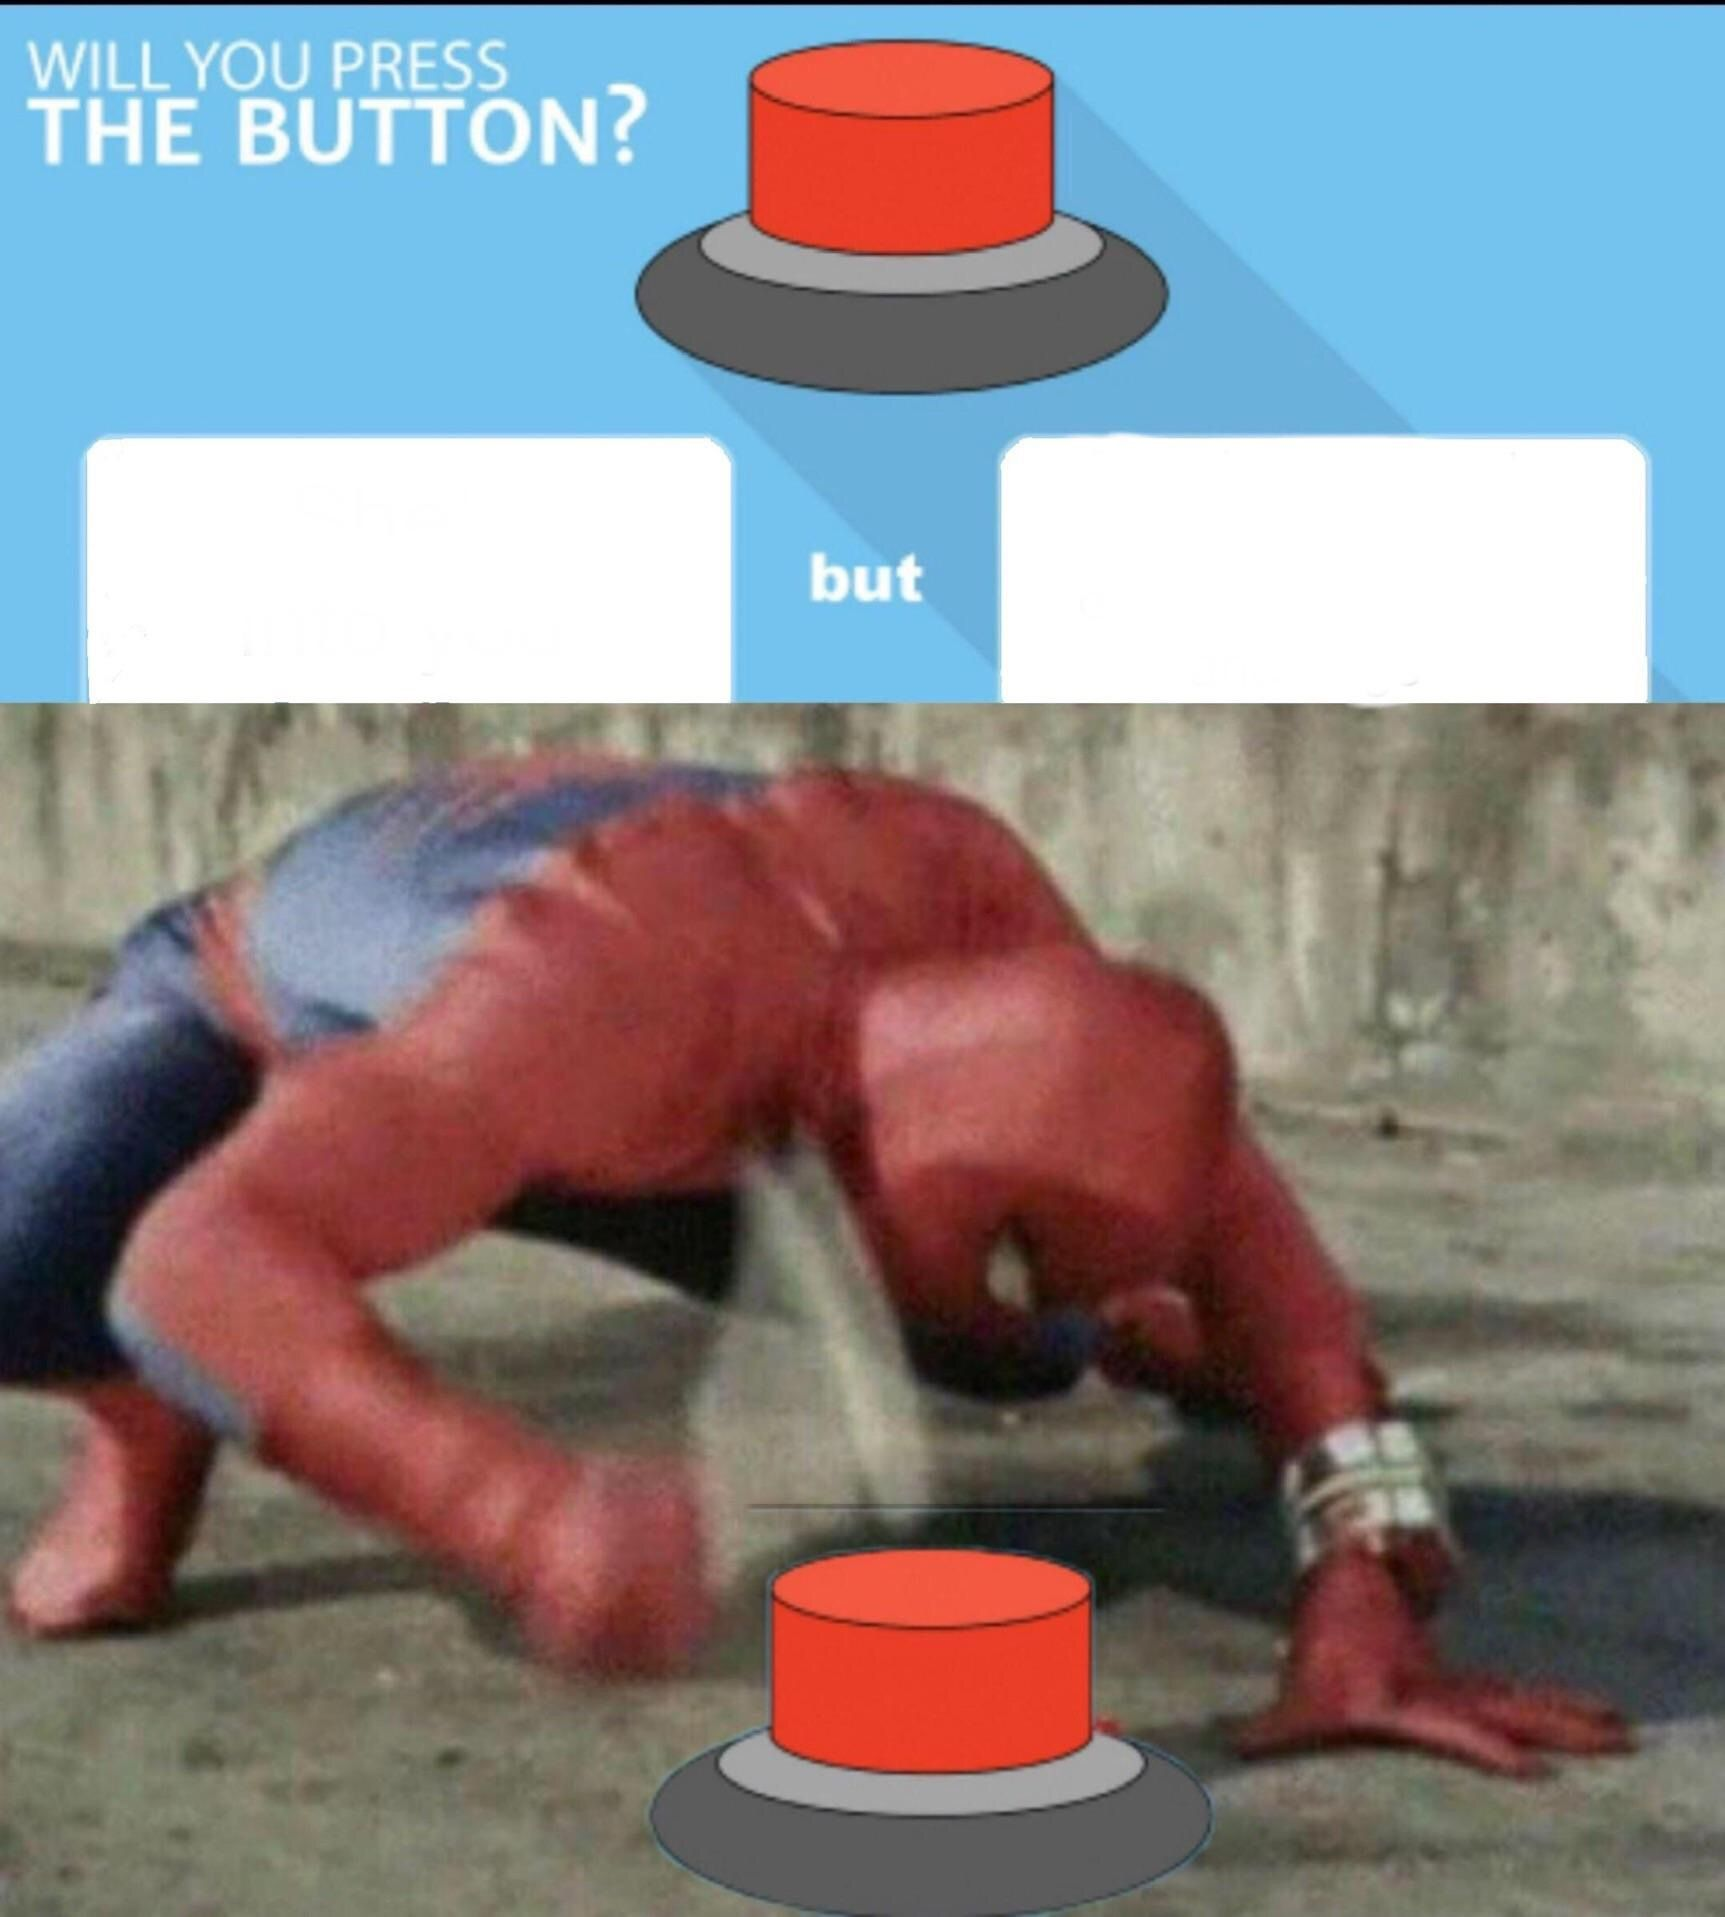 2 Buttons Meme Template